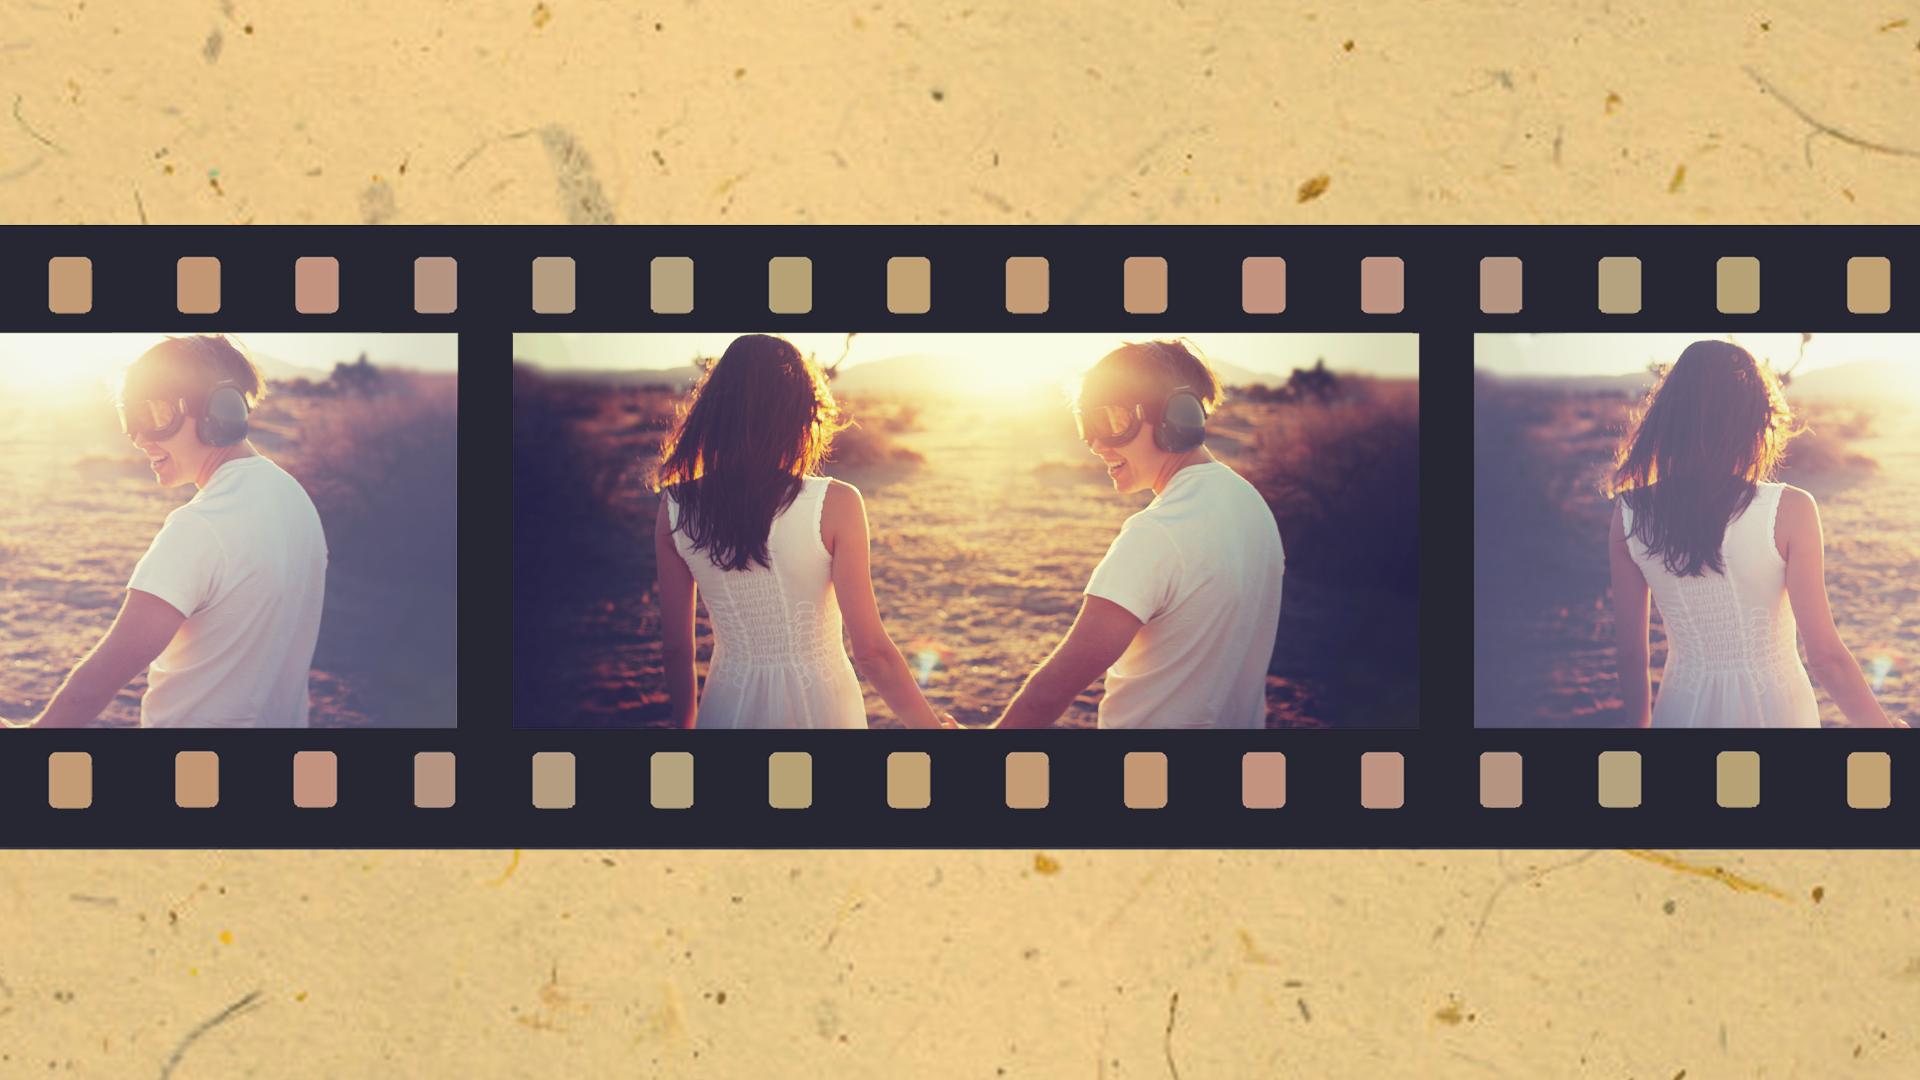 7 Summertime Films